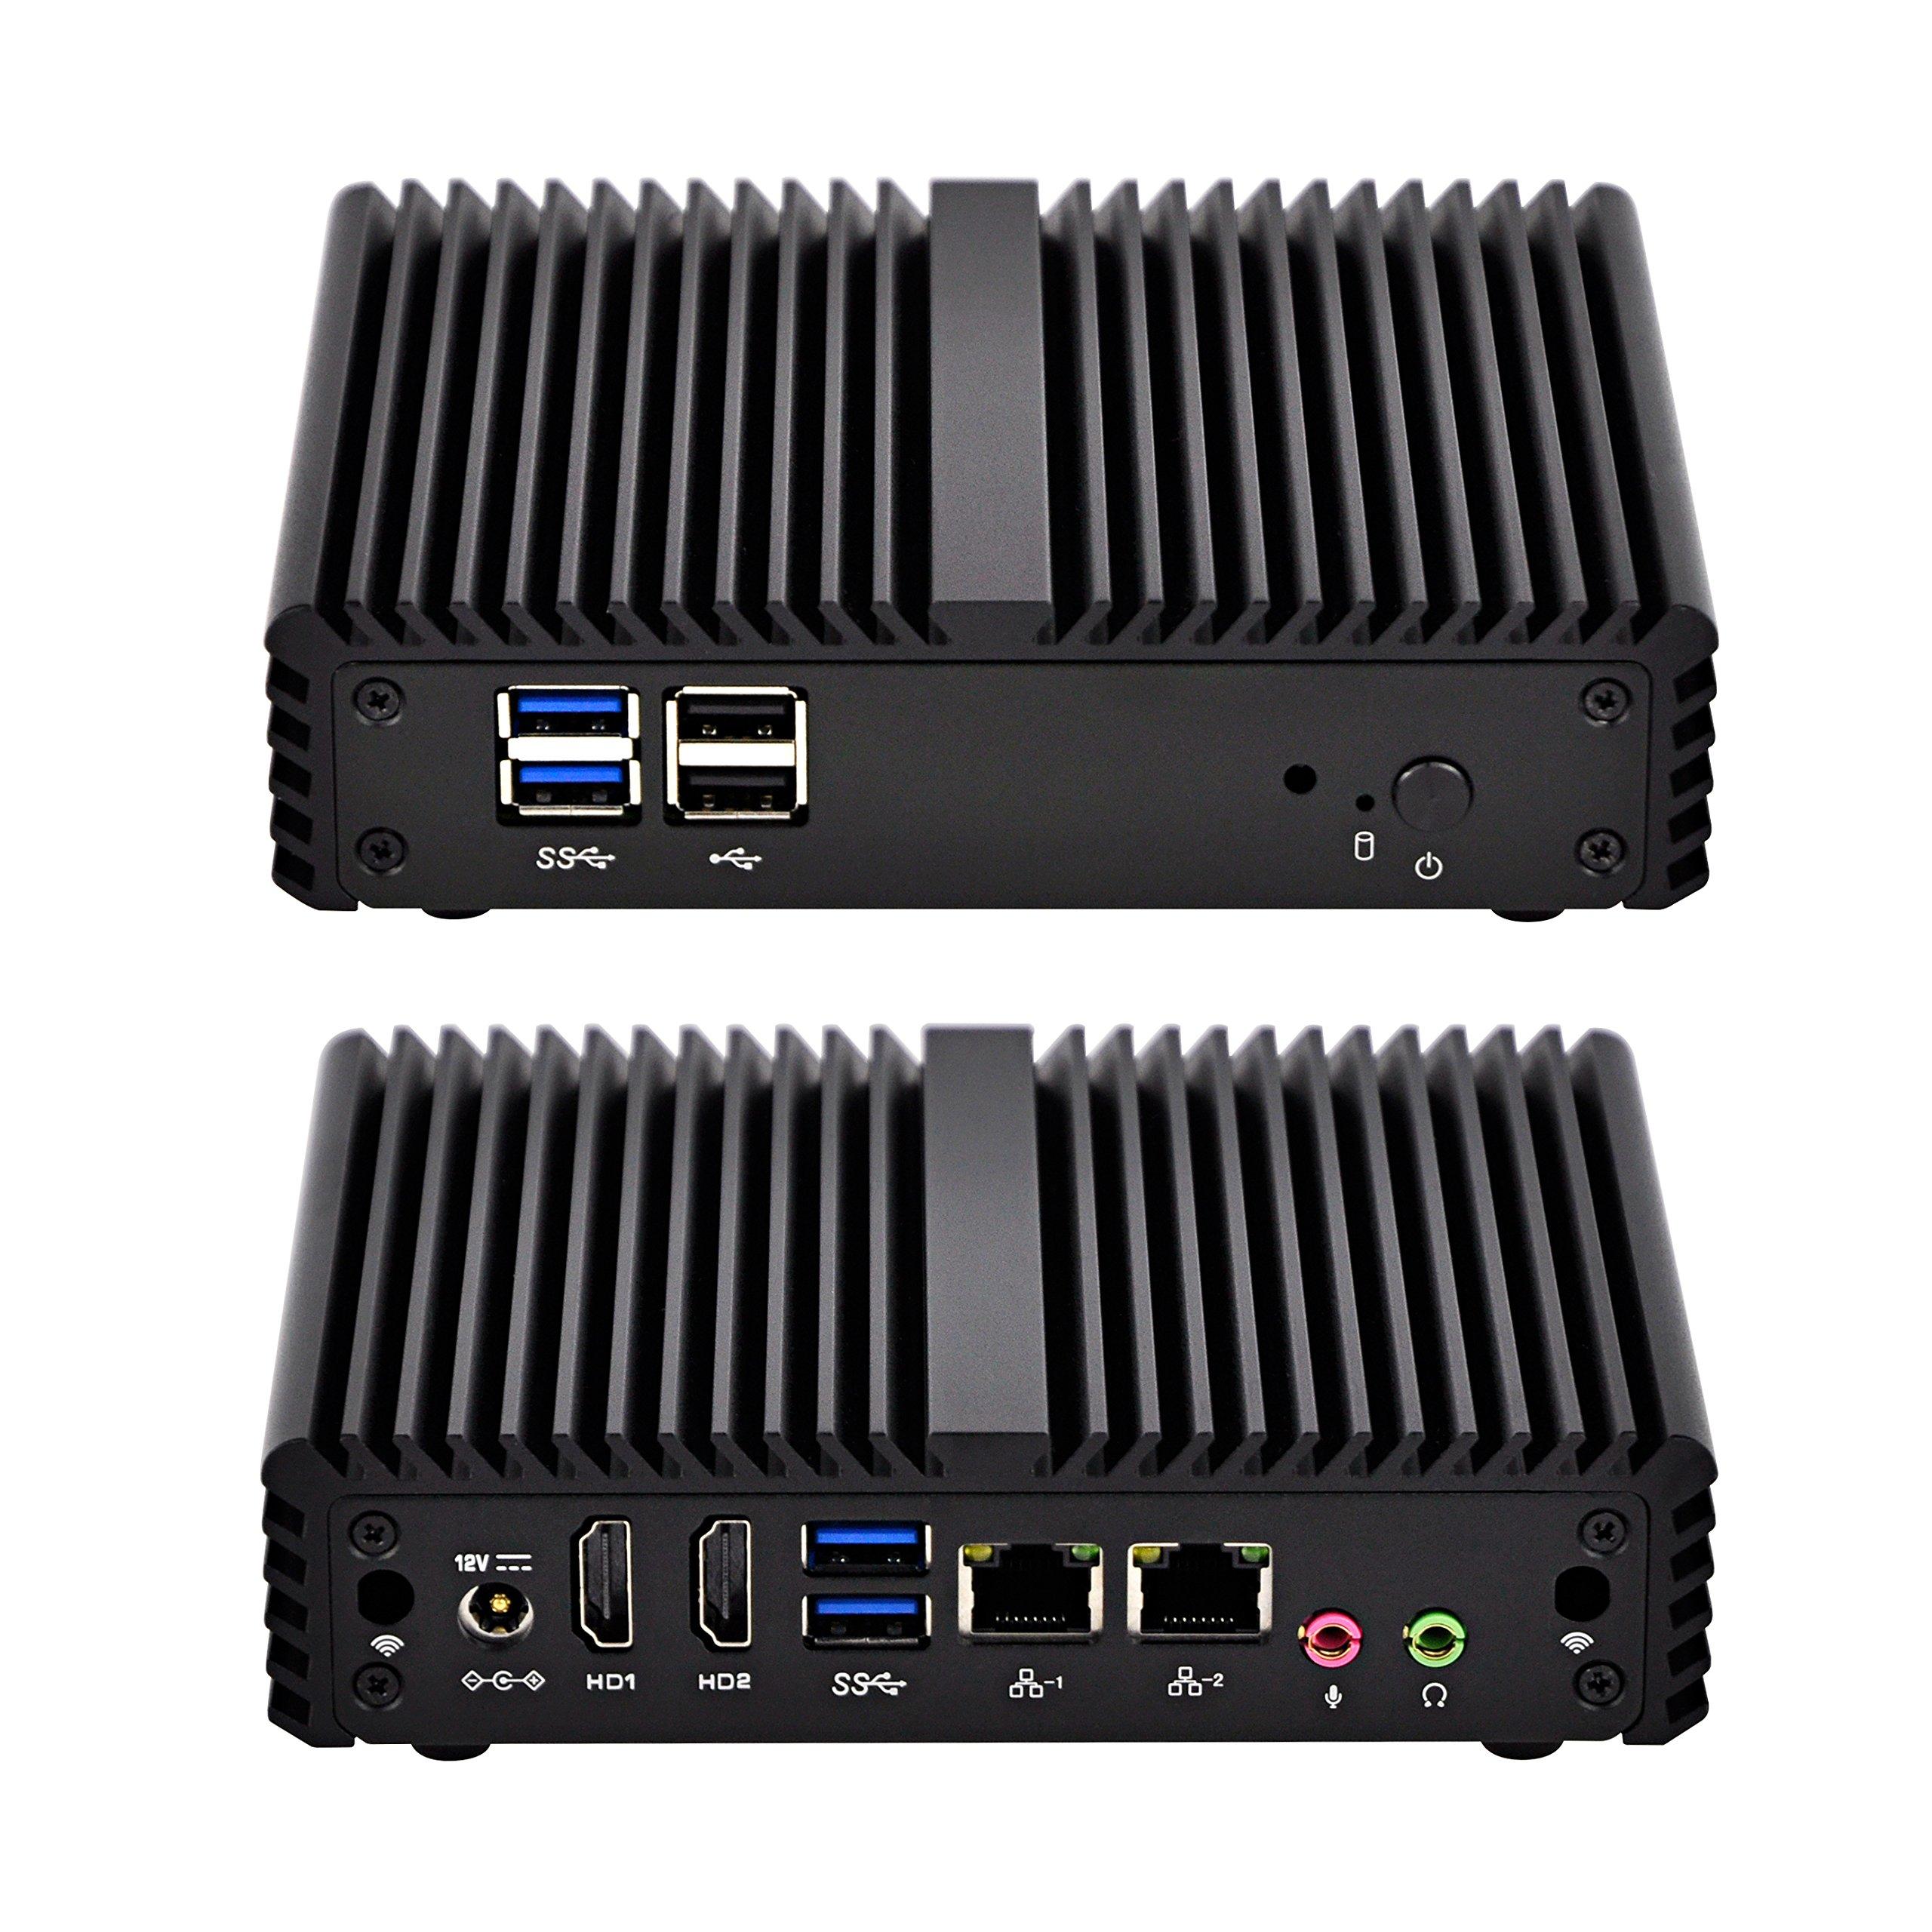 Nuc Mini Pc Qotom Q150S-S07 Intel Celeron J3160 ,Up To 2.24 Ghz AES-NI Low Power£¬Black,Linux (2Gb Ram 32Gb Ssd)